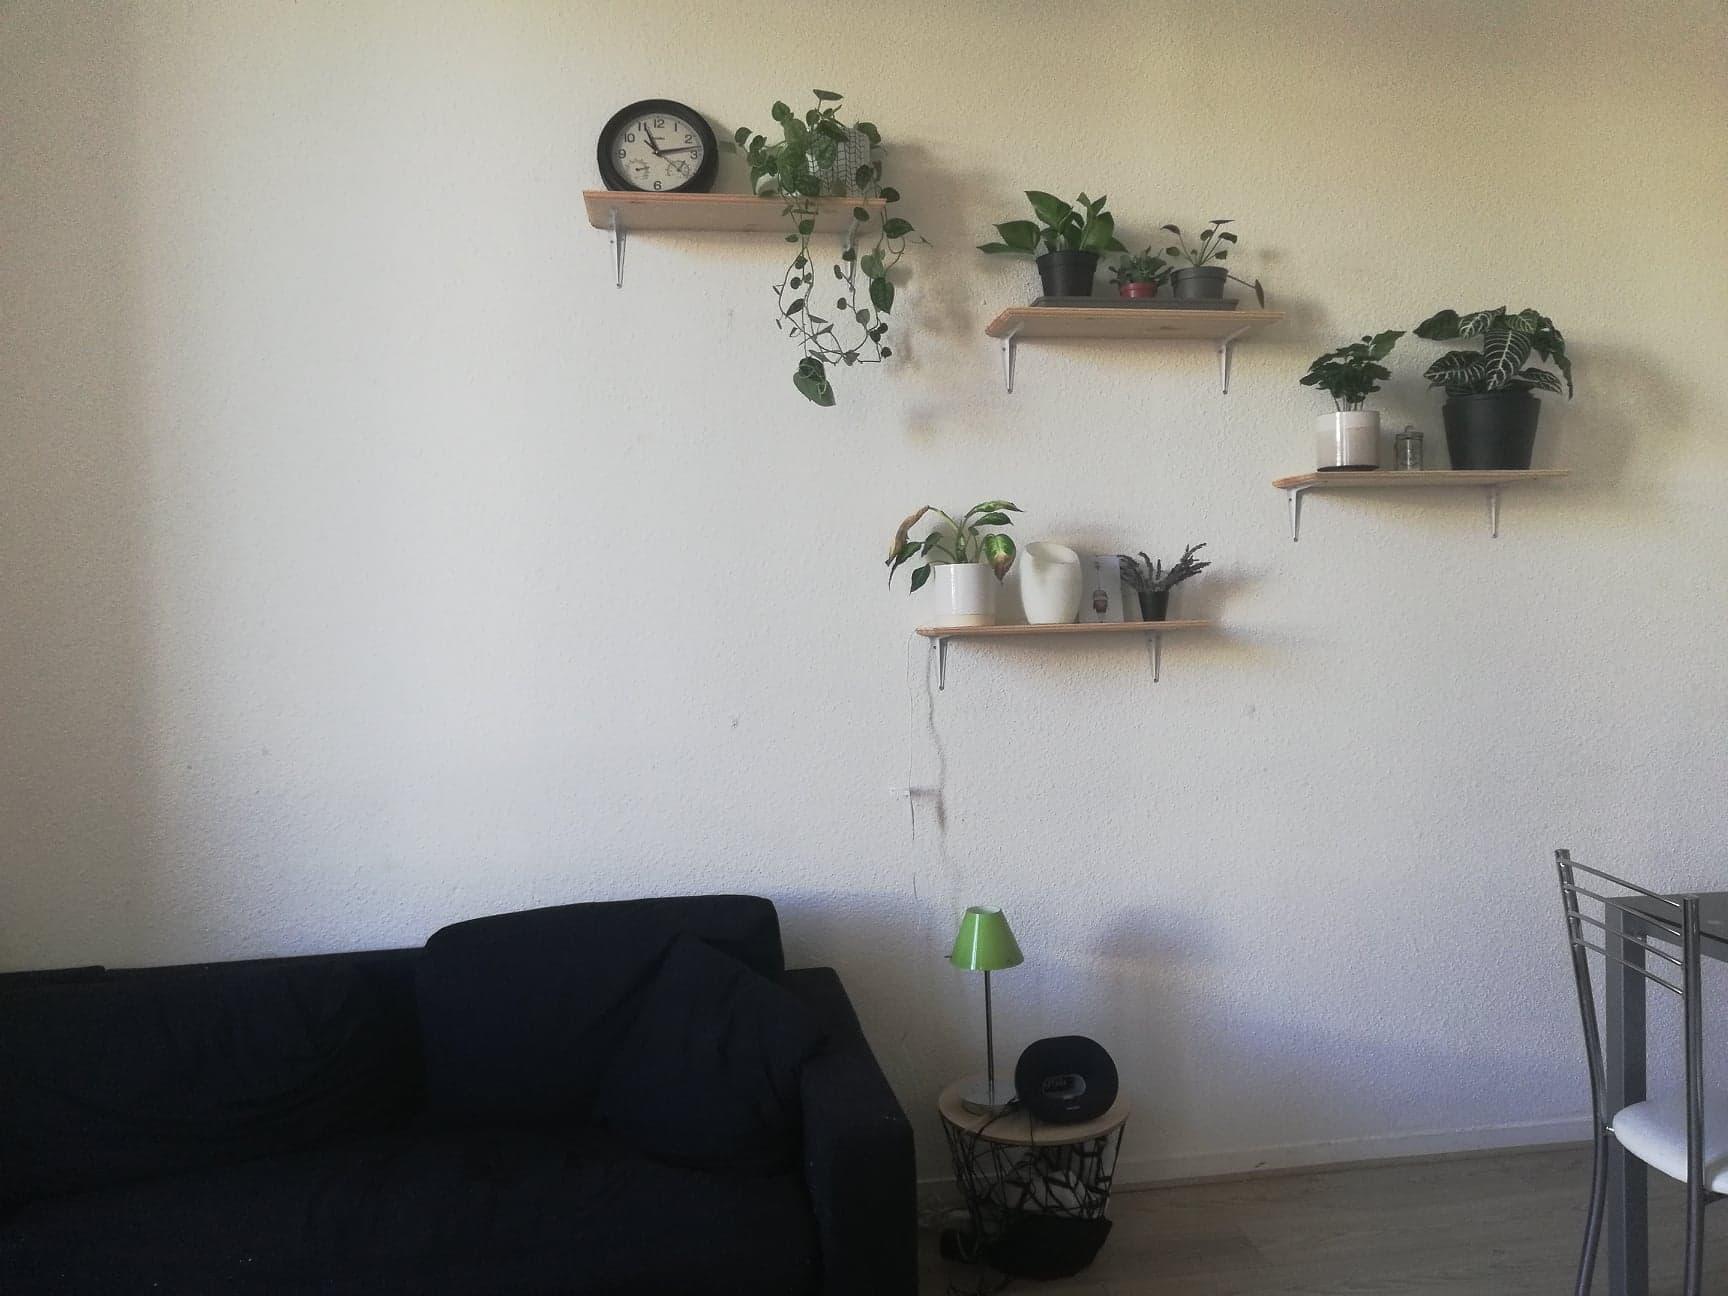 Il s'agit d'une photo d'un salon. On y retrouve un grand canapé noir avec, à côté, un petit meuble où une lampe et une enceinte y sont posées. Sur le grand mur blanc sur lequel le canapé est adossé, 4 étagère en bois ont été installées. Par-dessus de multiple plantes vertes décorent la pièce. Sur la plus haute, une horloge et un lierre dont les feuille pendent.